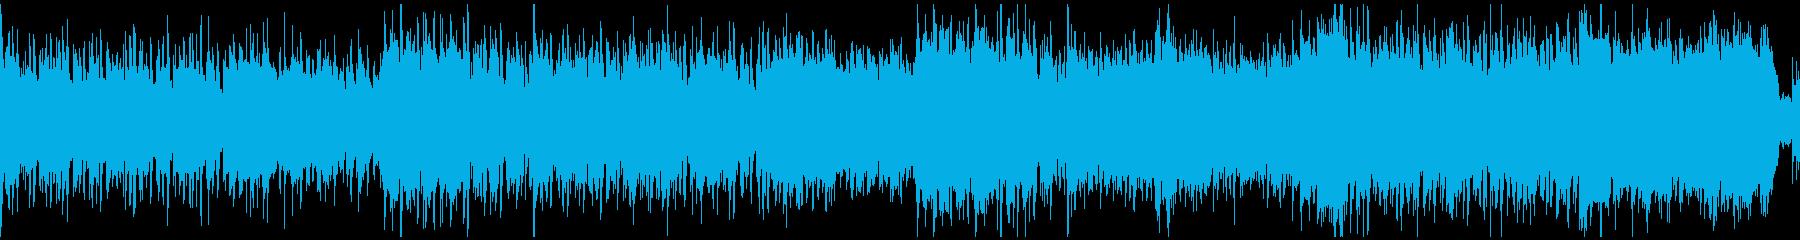 古代遺跡・ジャングル探索BGM(ループ)の再生済みの波形